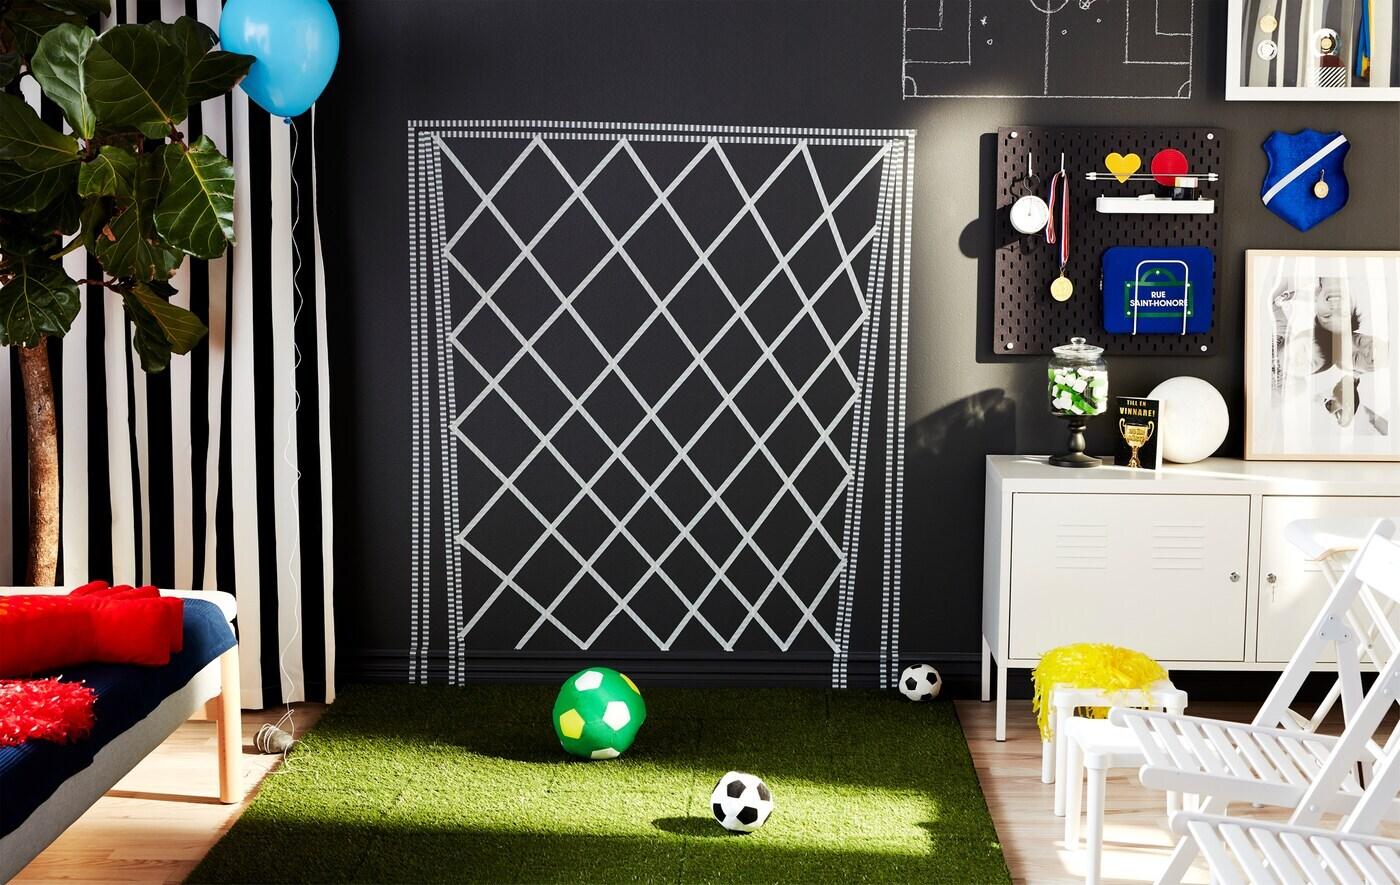 Futbol-zelai moduan dekoratutako egongela, soropil artifizialarekin eta horman margotutako atearekin